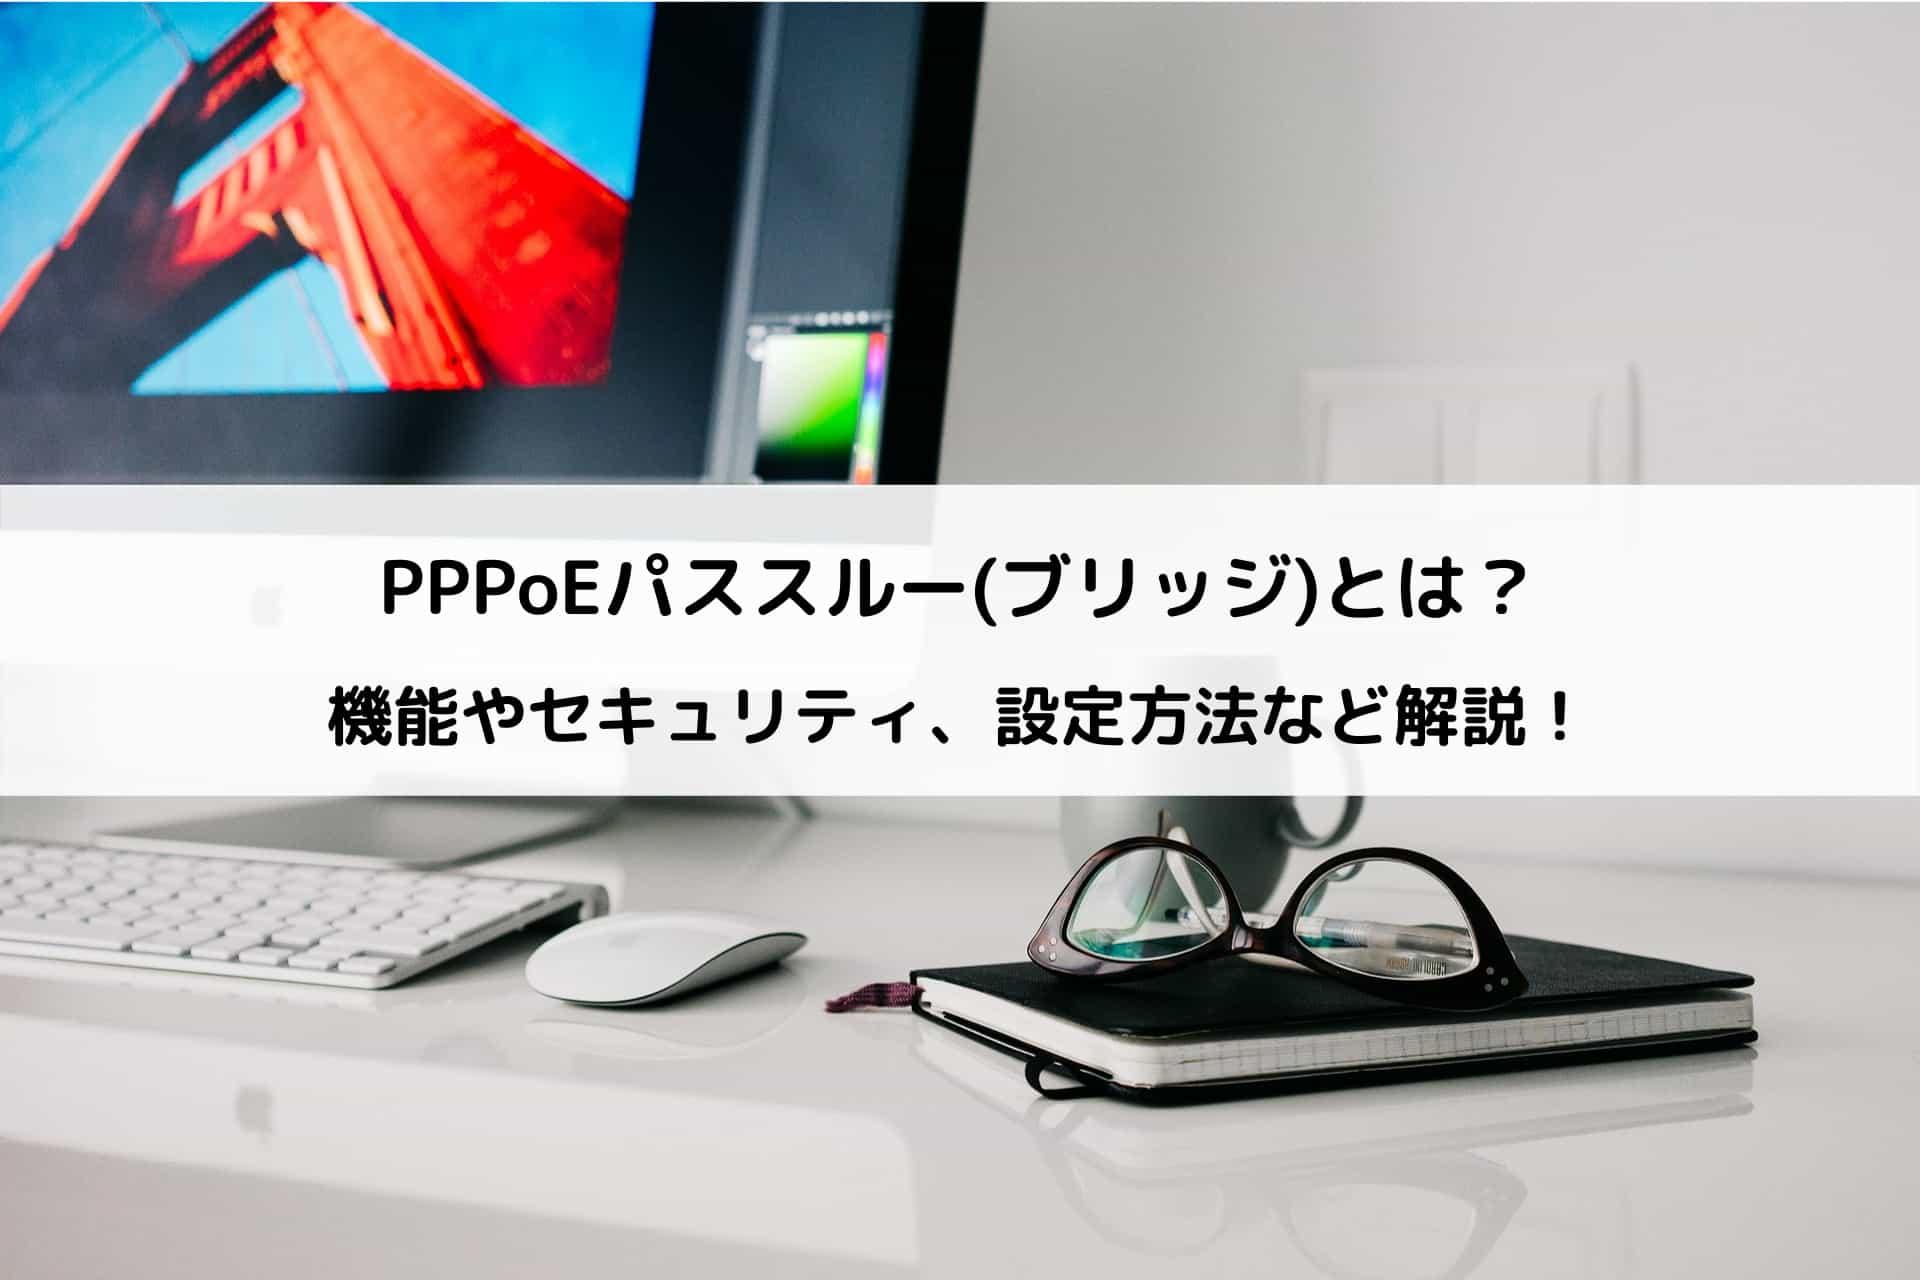 PPPoEパススルー(ブリッジ)とは?機能やセキュリティ、設定方法など解説!